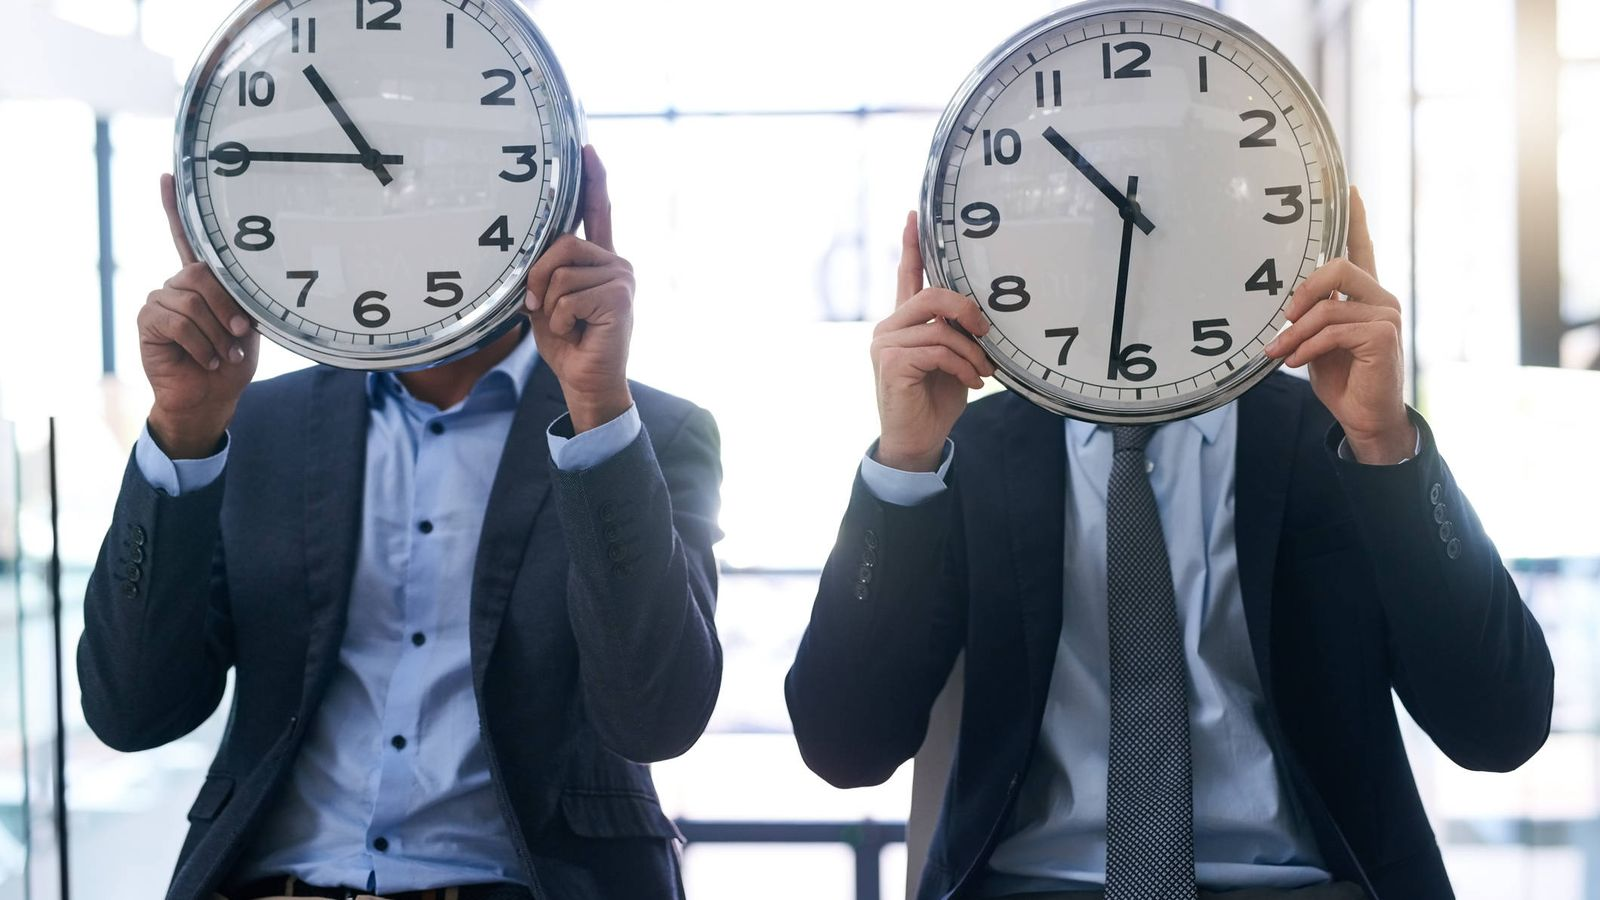 Test inteligencia: El acertijo del reloj que pone a prueba